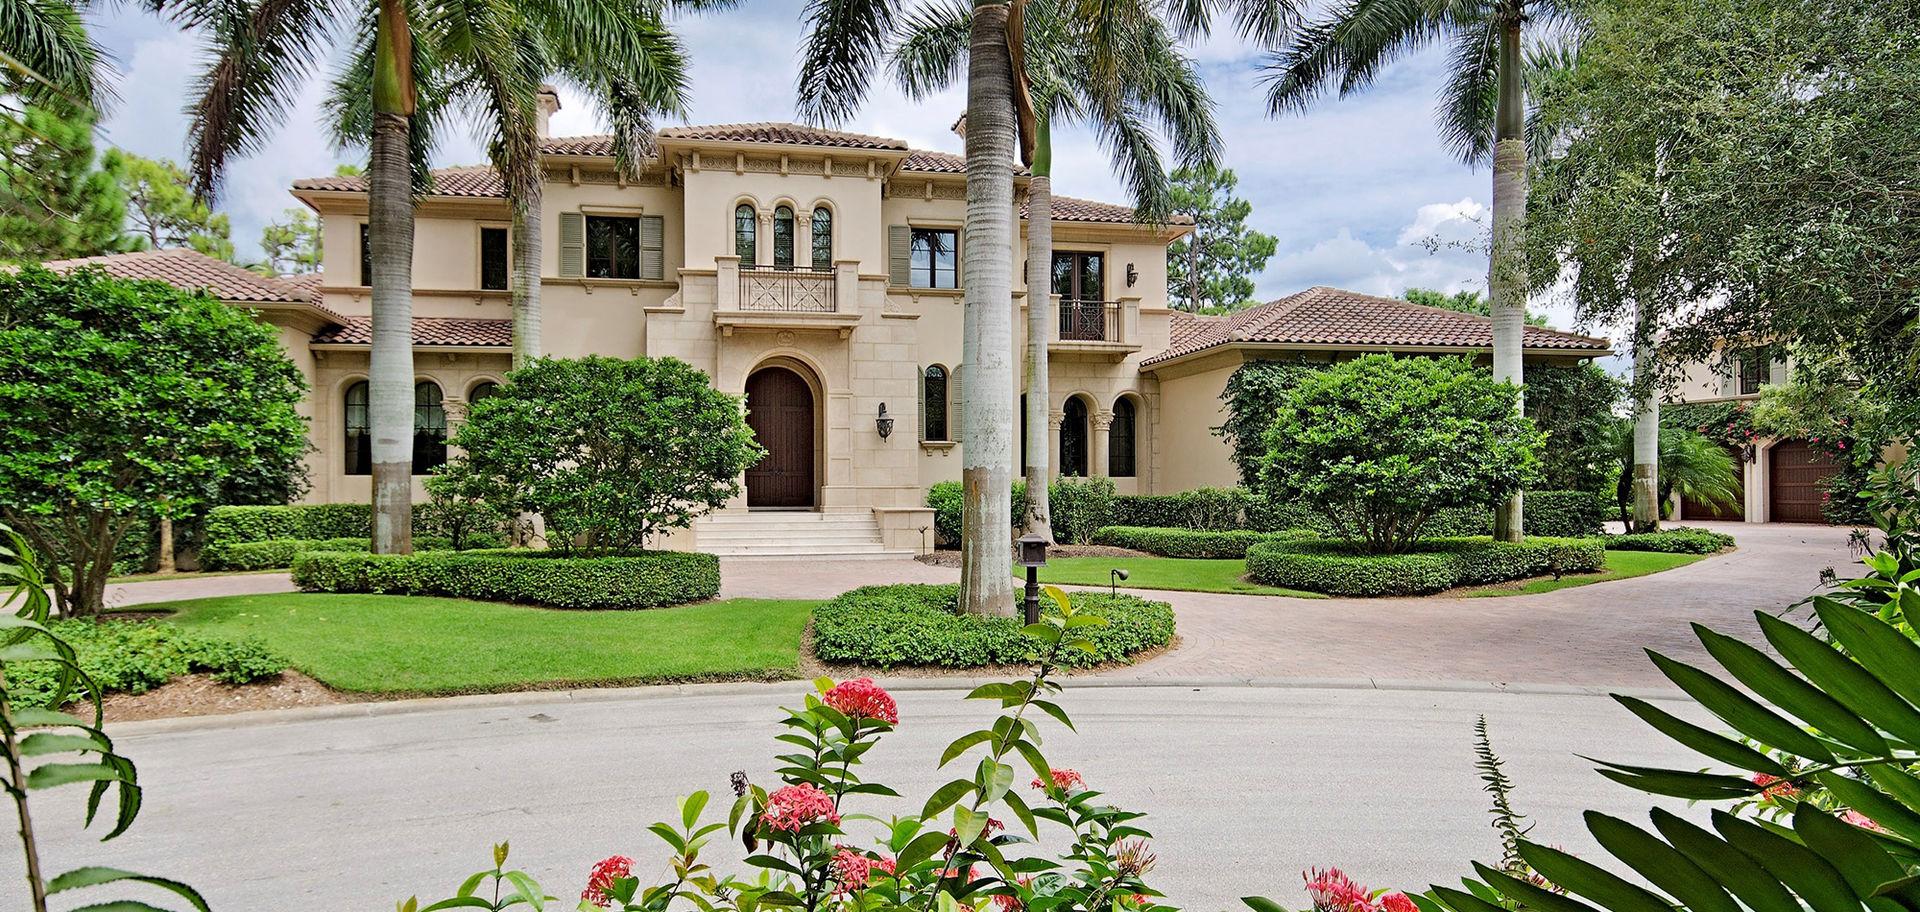 Naples, FL Real Estate & Homes for Sale